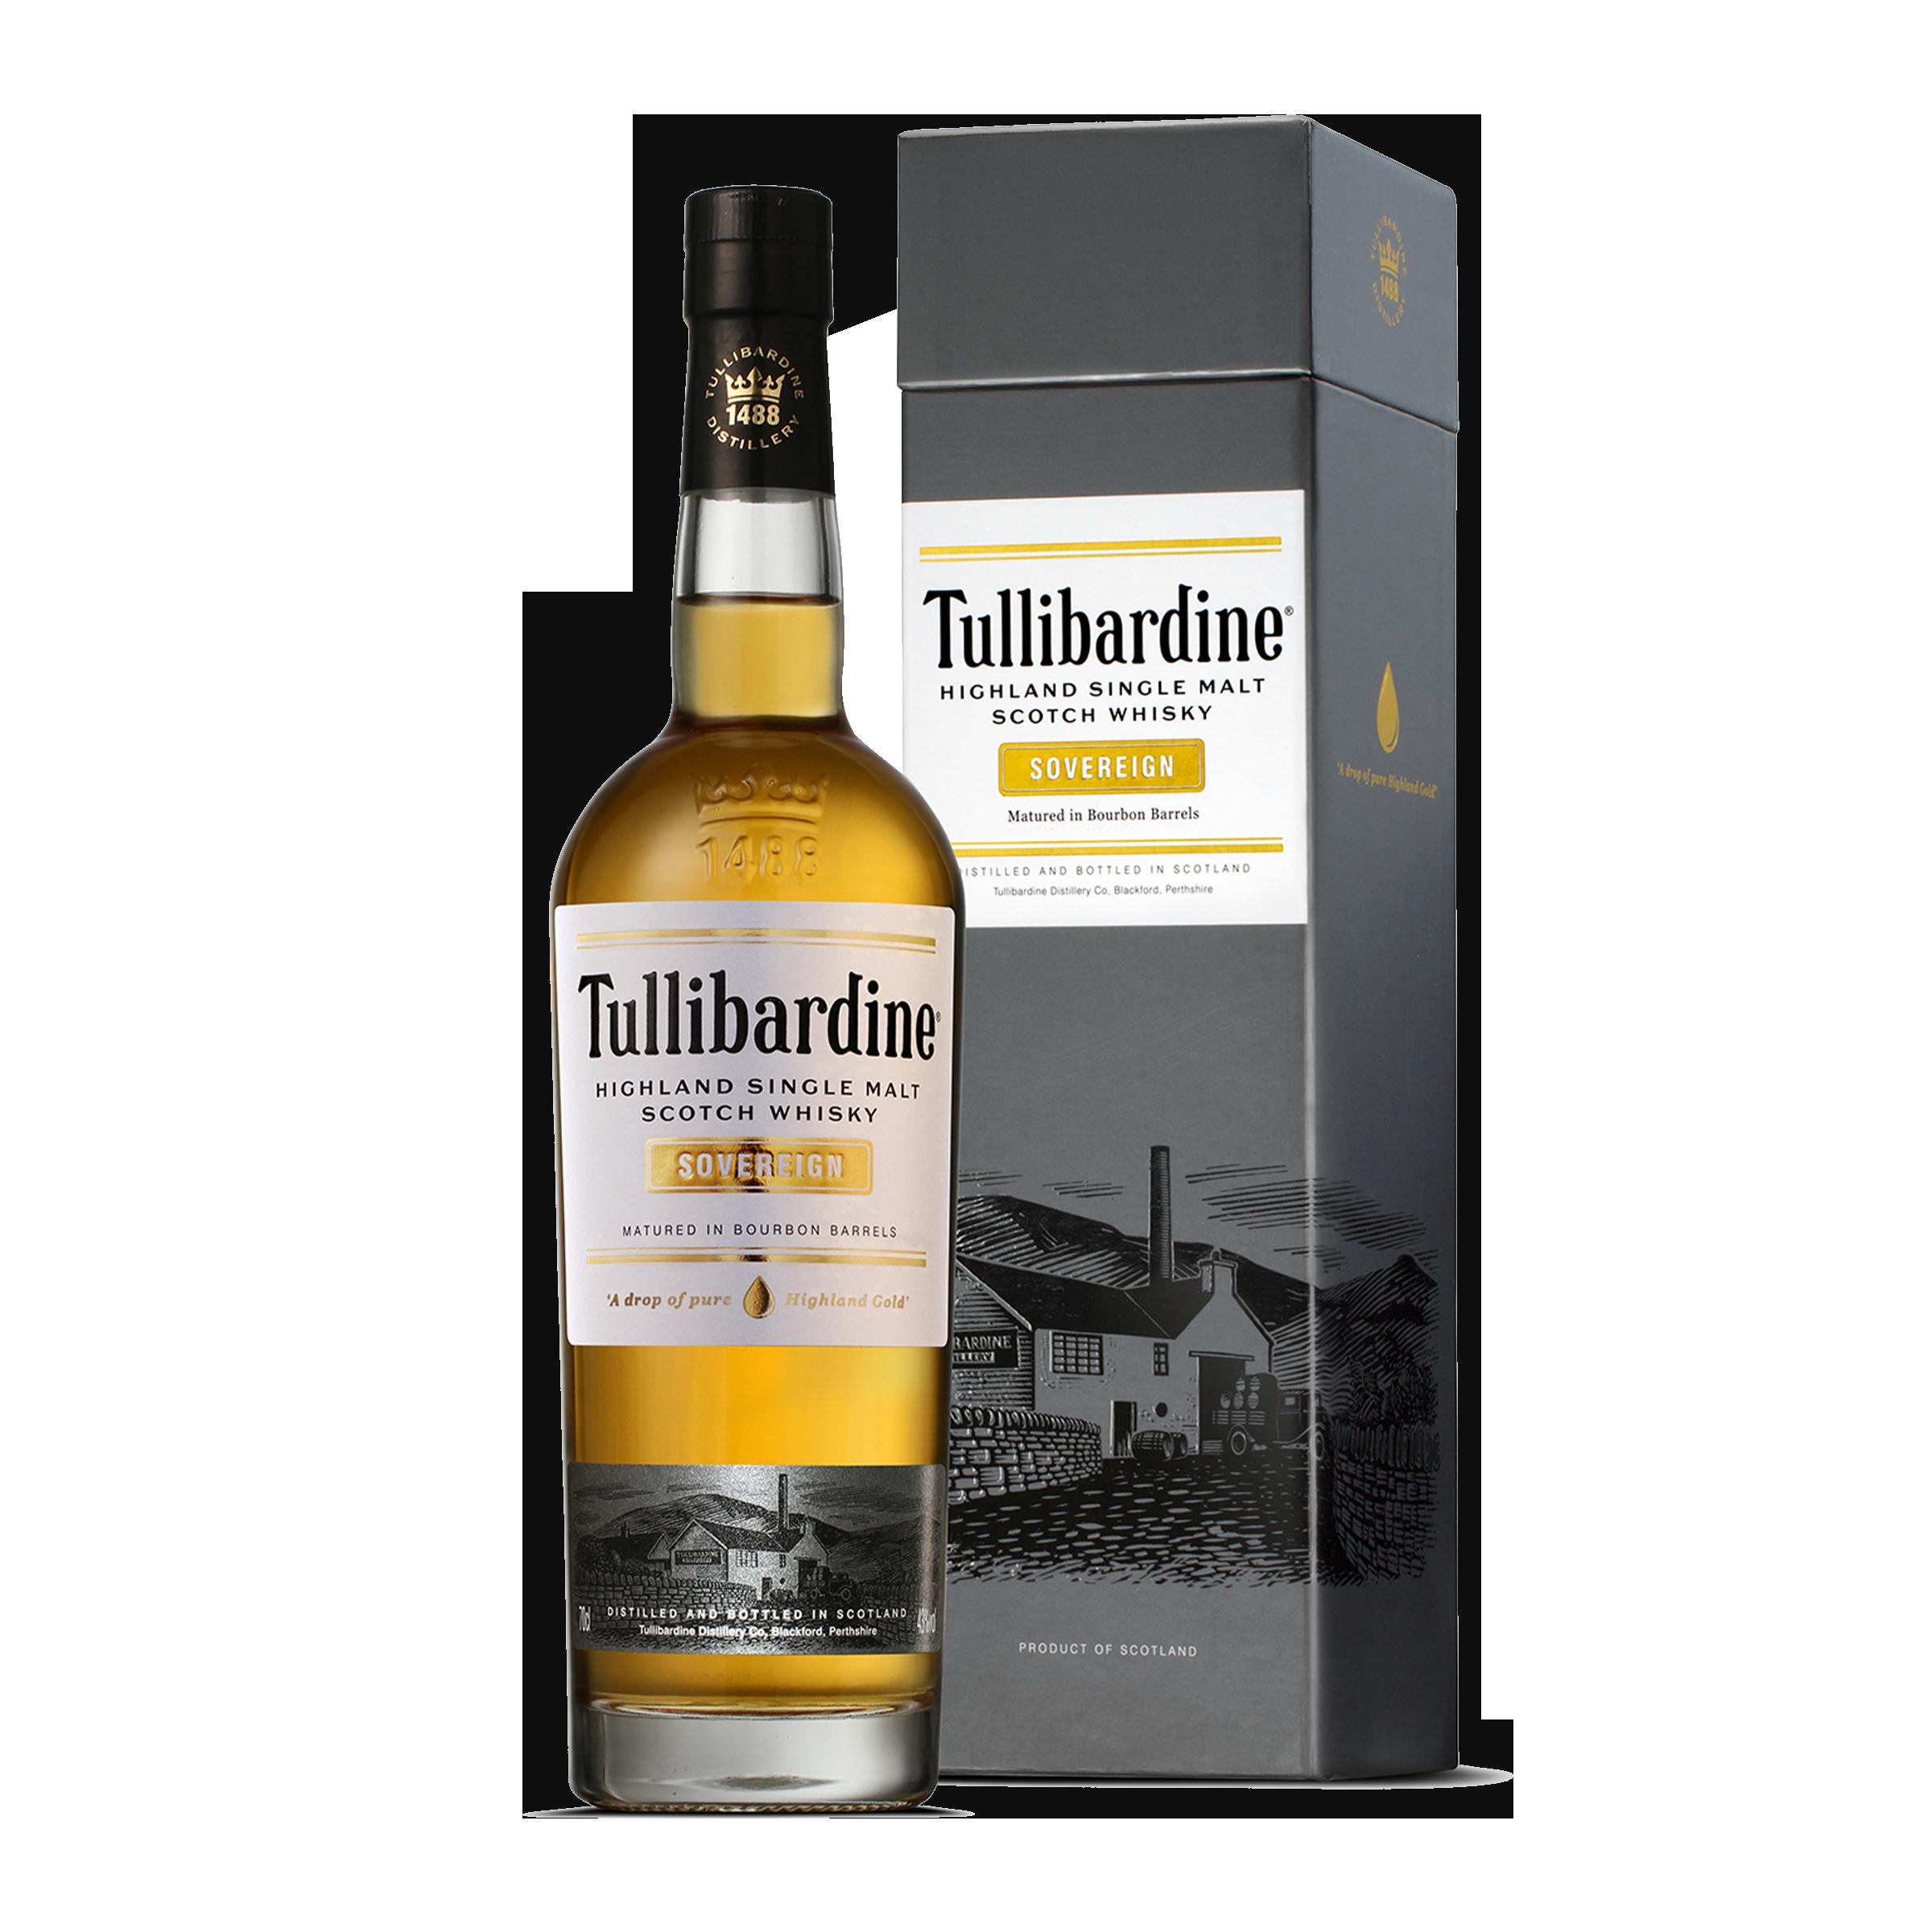 Tullibardine Sovereign 700ml Boxed